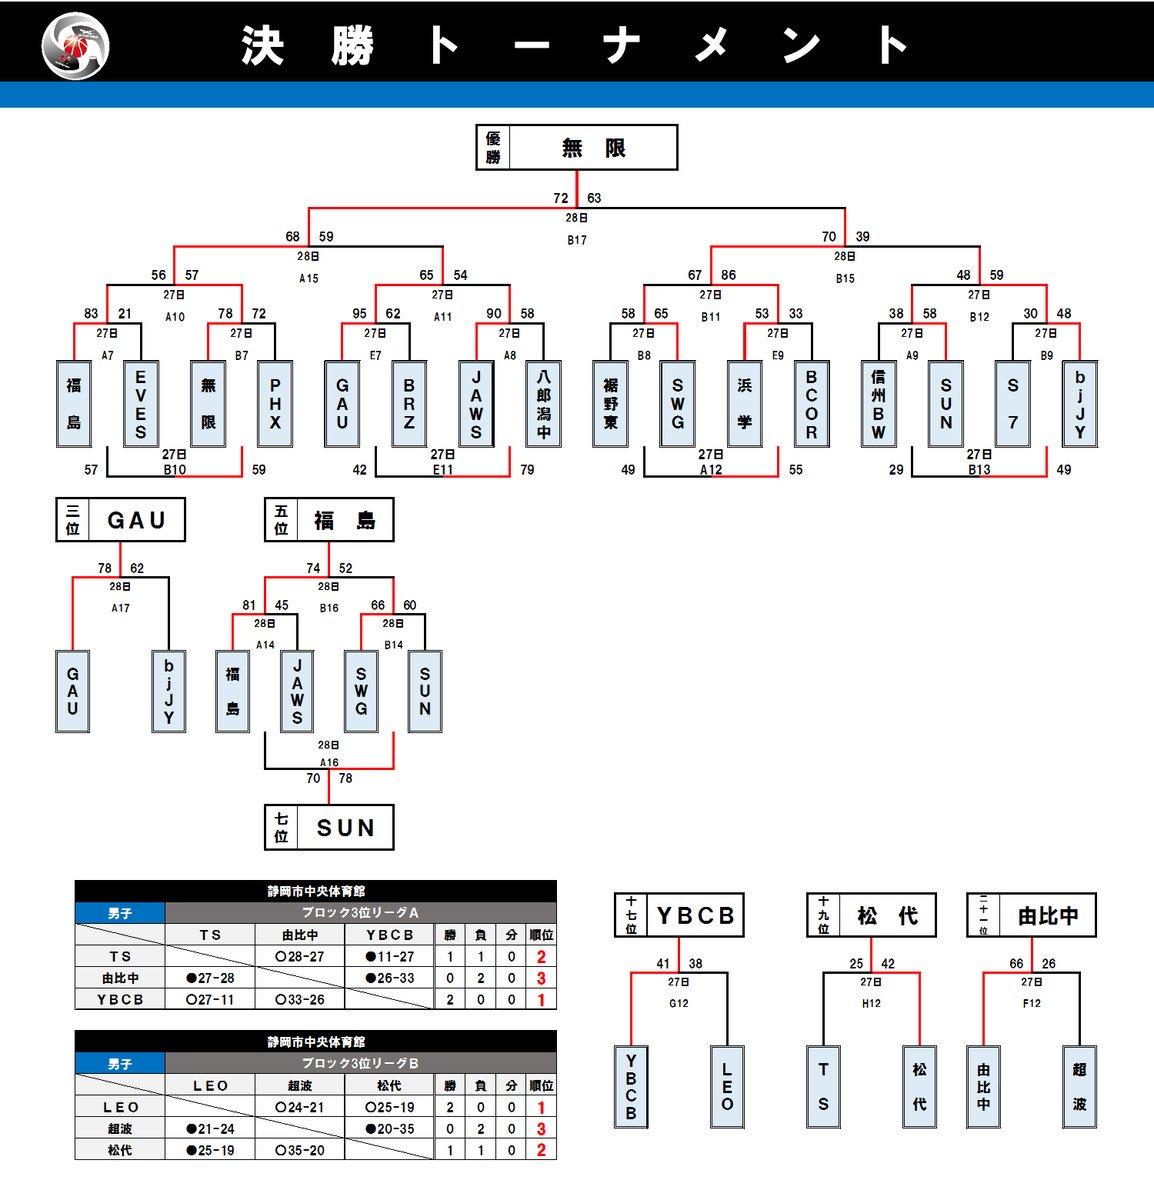 福島ファイヤーボンズ ユースチ...